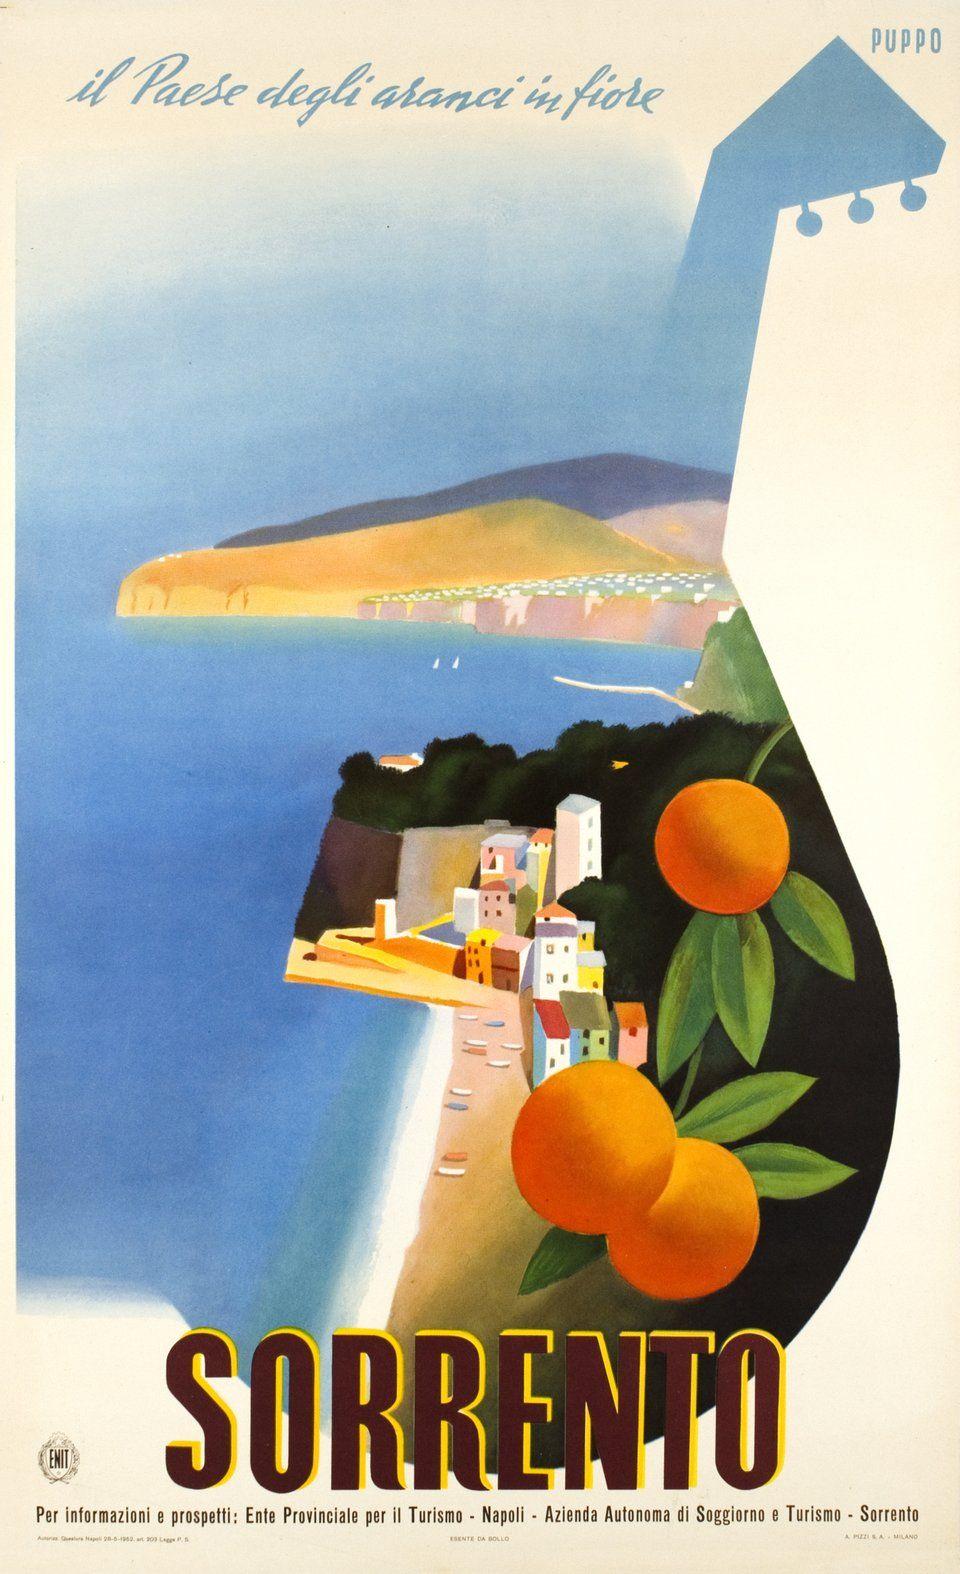 Sorrento, il paese degli aranci in fiore | Italian Holidays ...